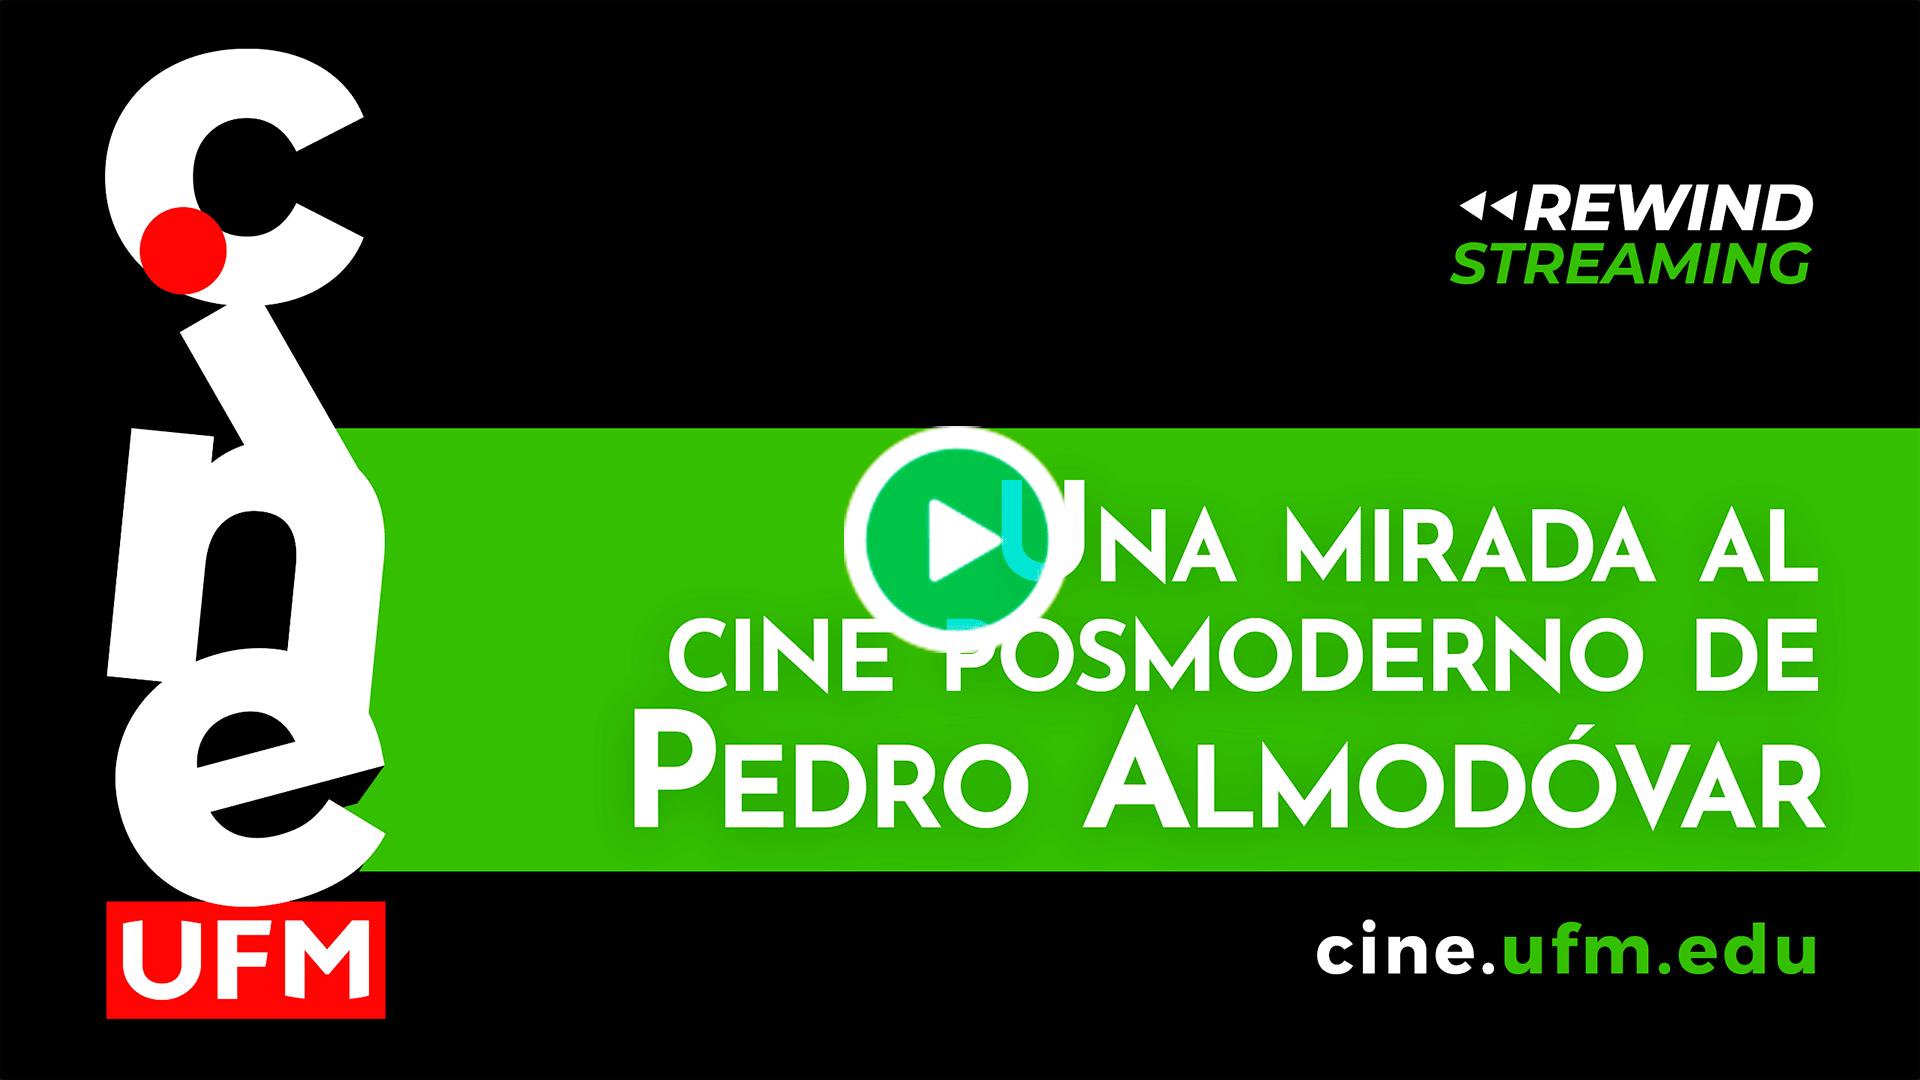 20200710_cineufmlive1_Pedro-Almodova_Cine-LIVE